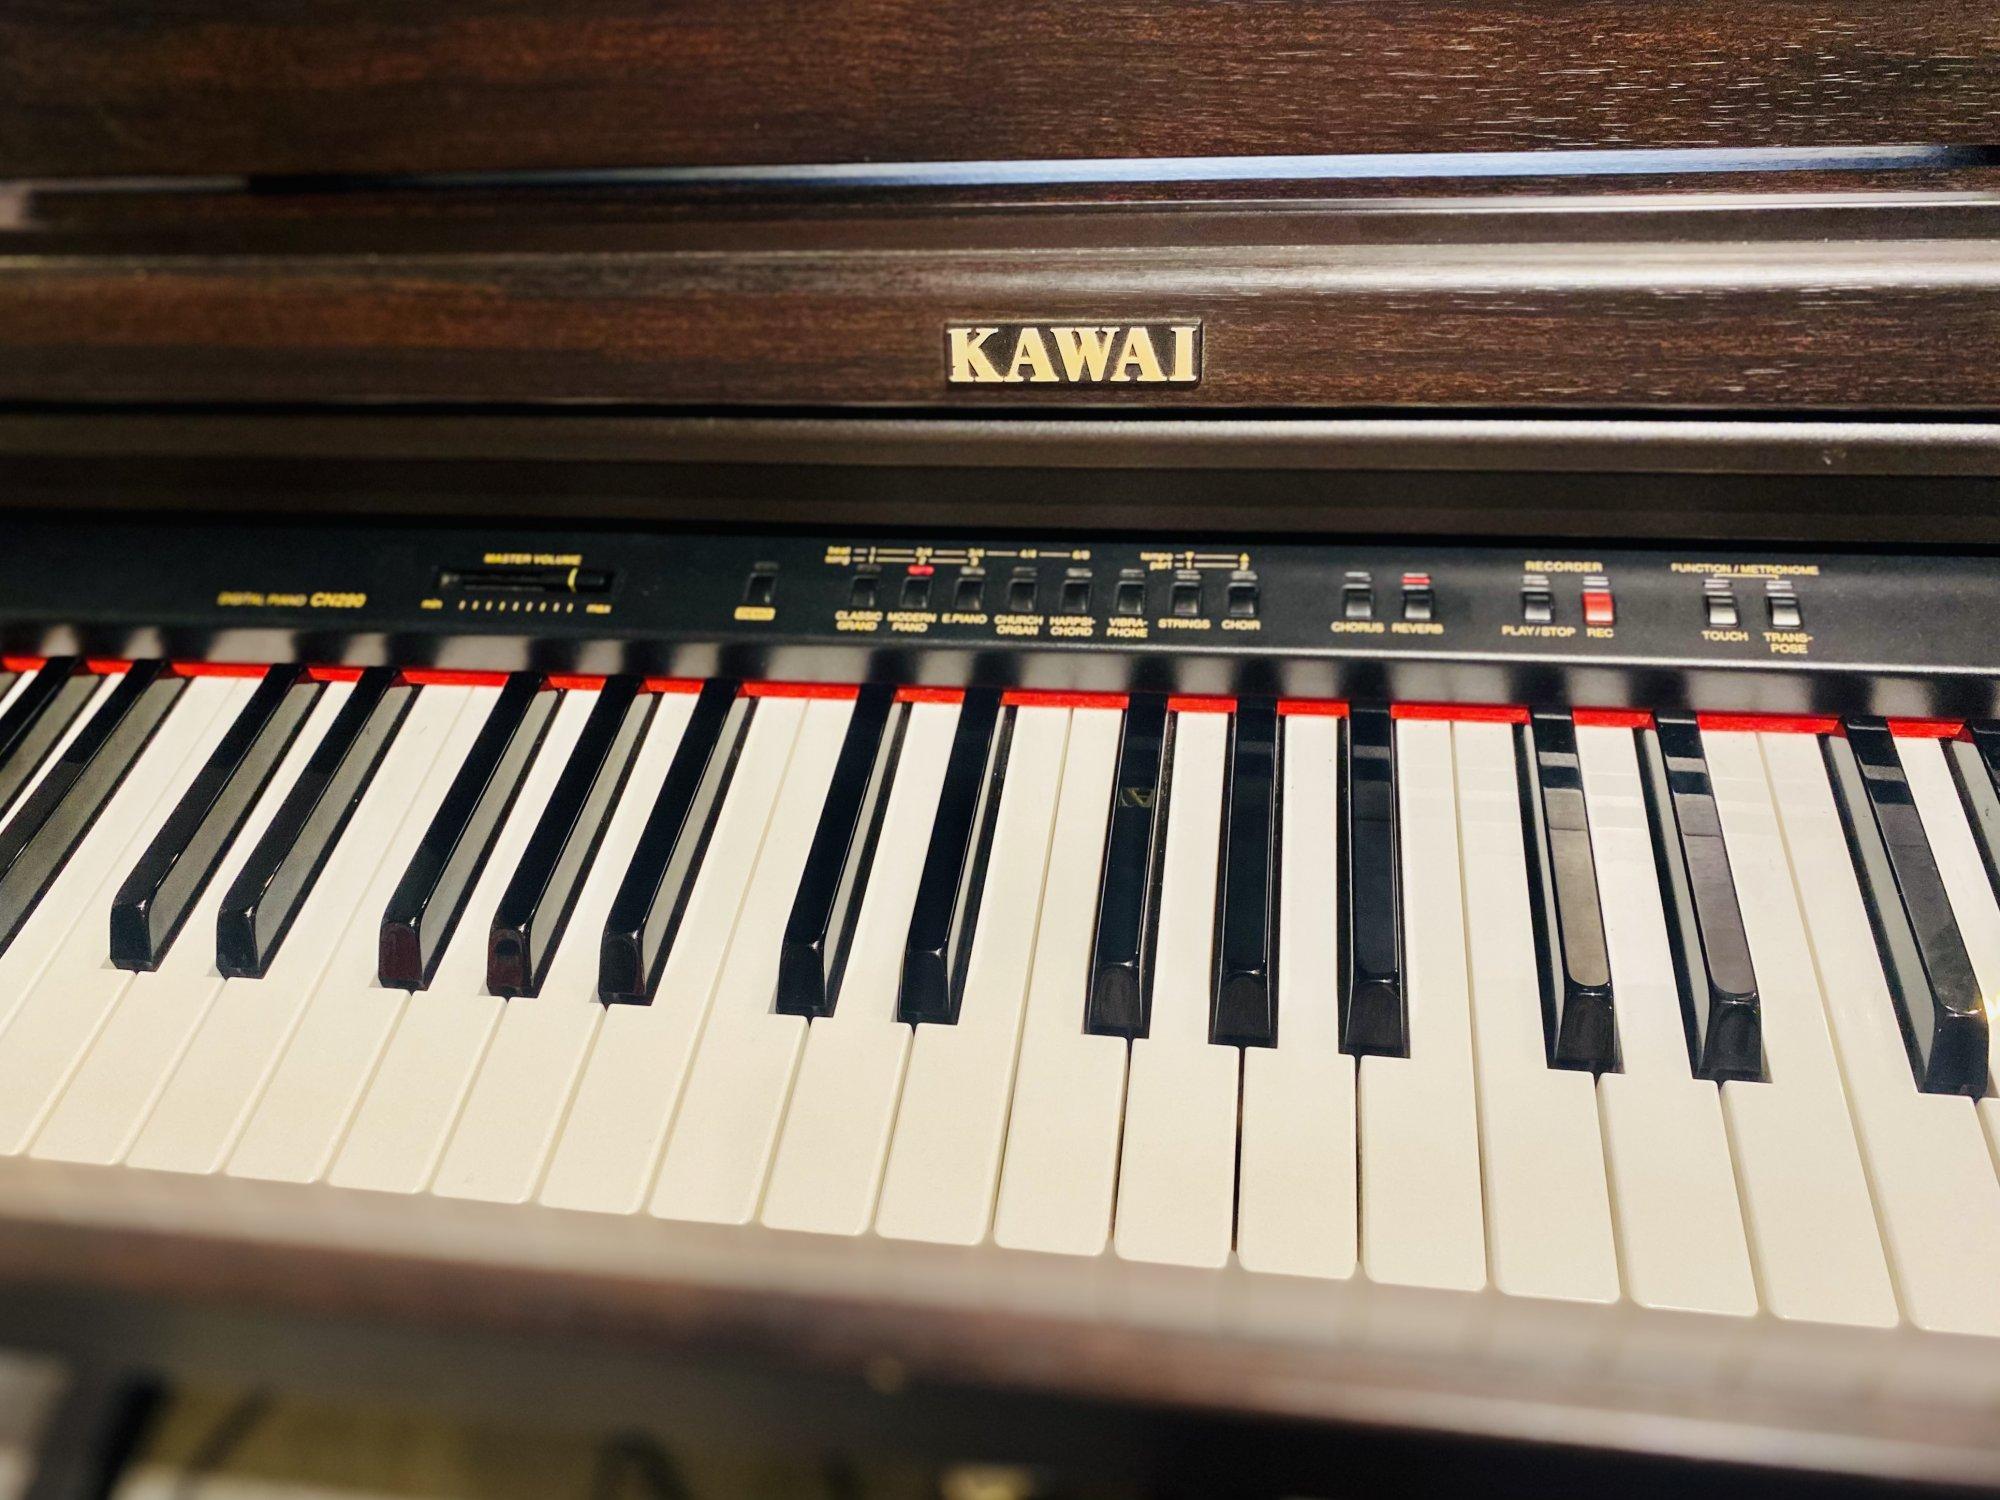 KAWAI CN-290 DIGITAL 88 KEY PIANO WITH STAND AND MANUAL